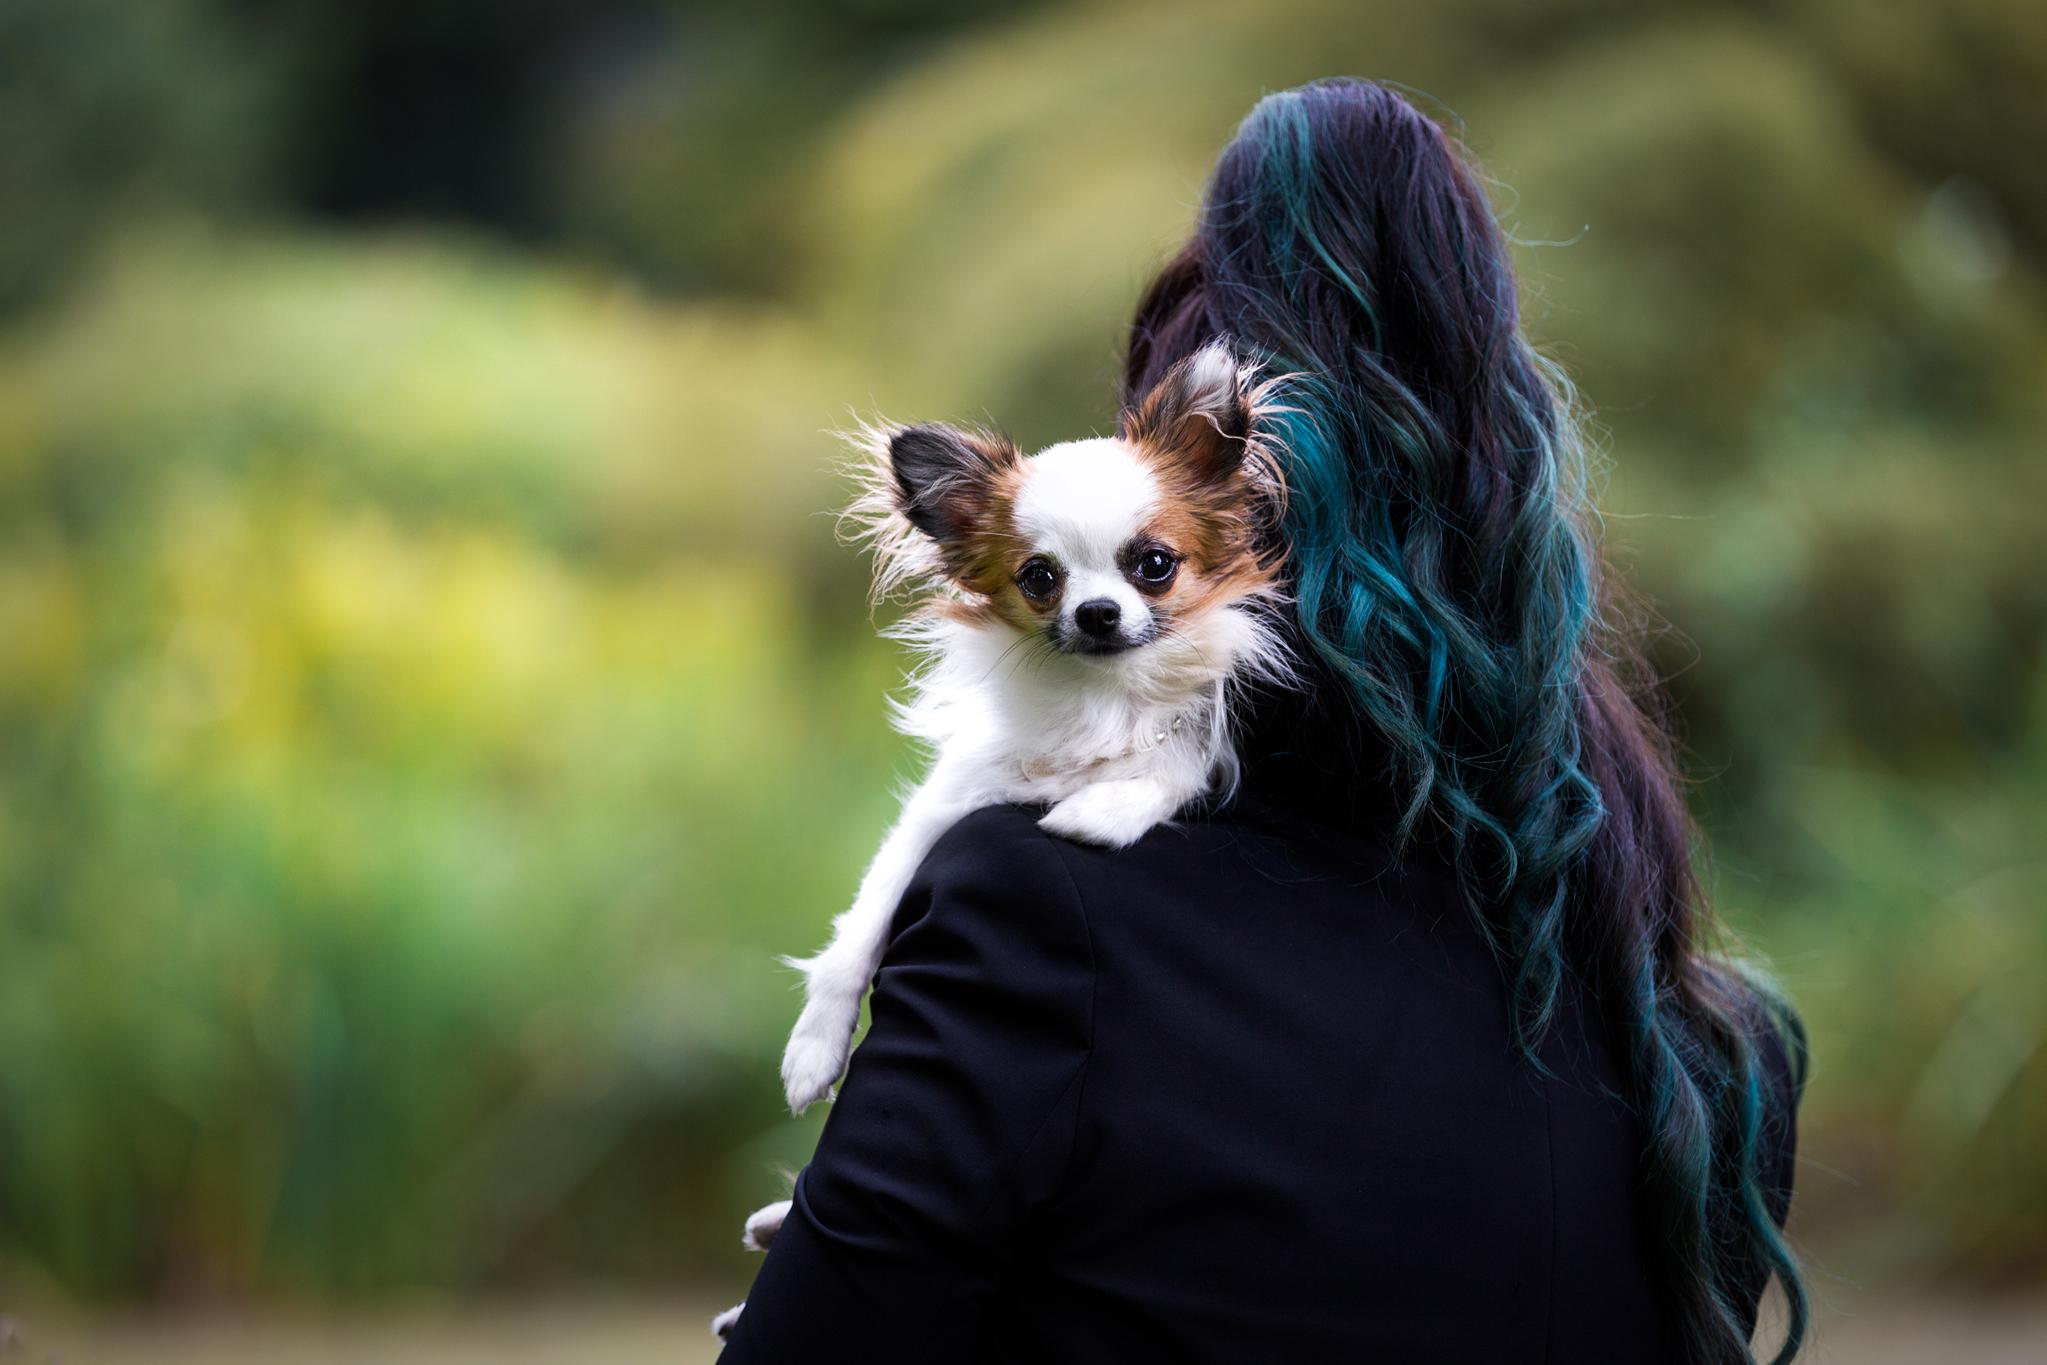 Die kleine Chihuahua Hündin Bambi schaut von der Schulter